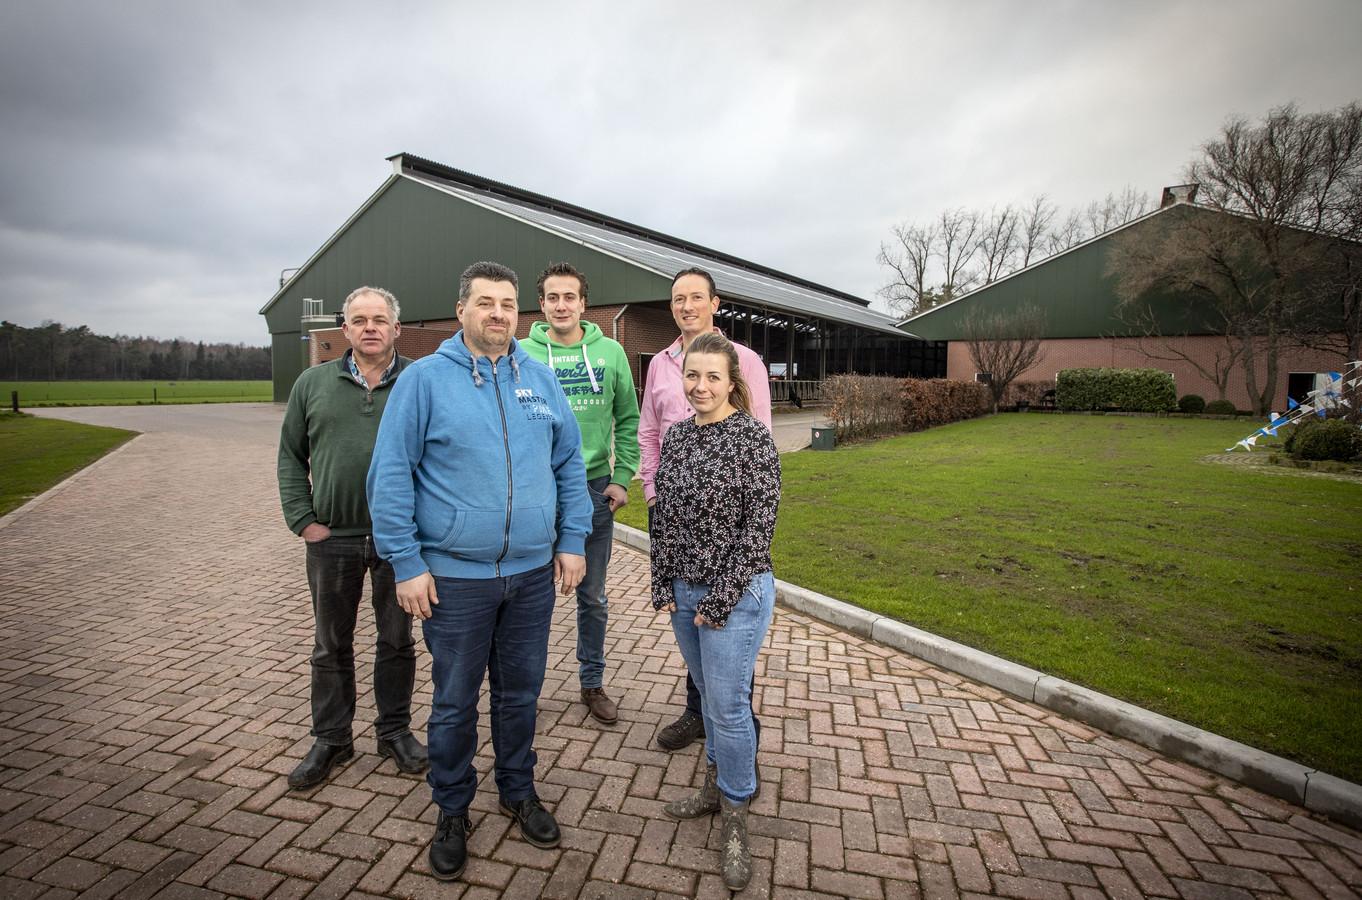 Alfons uit het Broek, Martin Oldenhof, Sjoerd Ribberink, Martin Westerik en Anouk Veldscholten (vanaf links) voor de stallen aan de Puttenpostweg. Daar komen in het voorjaar zonnepanelen op te liggen.